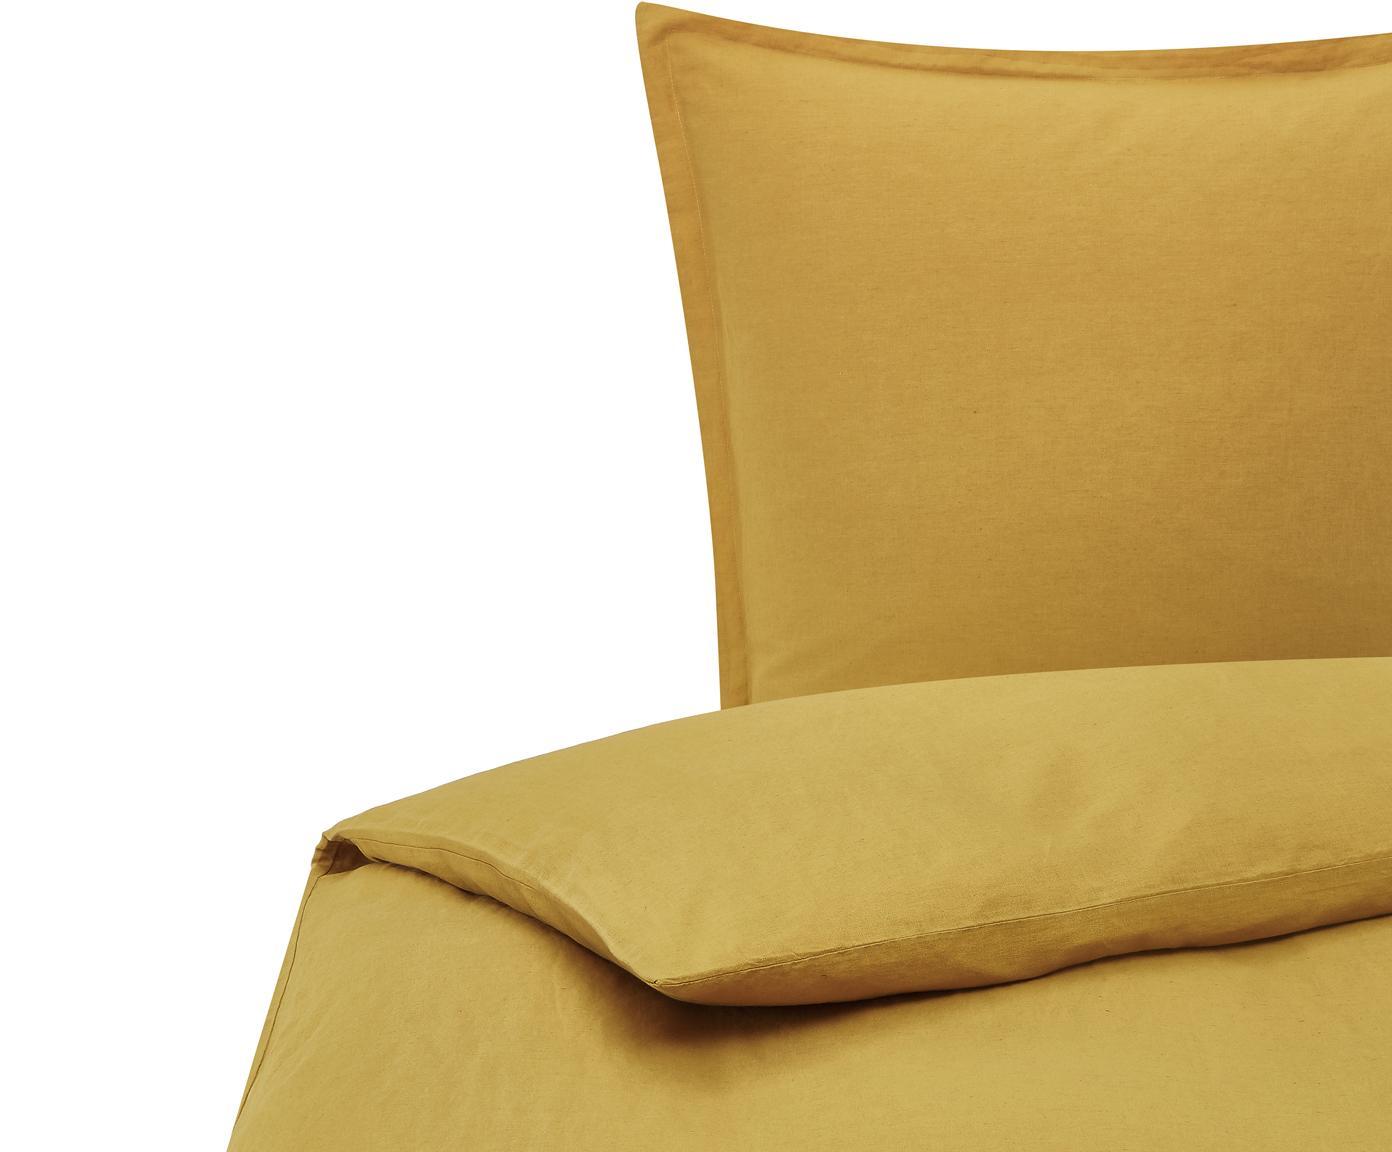 Gewaschene Leinen-Bettwäsche Nature in Senfgelb, Halbleinen (52% Leinen, 48% Baumwolle)  Fadendichte 108 TC, Standard Qualität  Halbleinen hat von Natur aus einen kernigen Griff und einen natürlichen Knitterlook, der durch den Stonewash-Effekt verstärkt wird. Es absorbiert bis zu 35% Luftfeuchtigkeit, trocknet sehr schnell und wirkt in Sommernächten angenehm kühlend. Die hohe Reißfestigkeit macht Halbleinen scheuerfest und strapazierfähig., Senfgelb, 155 x 220 cm + 1 Kissen 80 x 80 cm